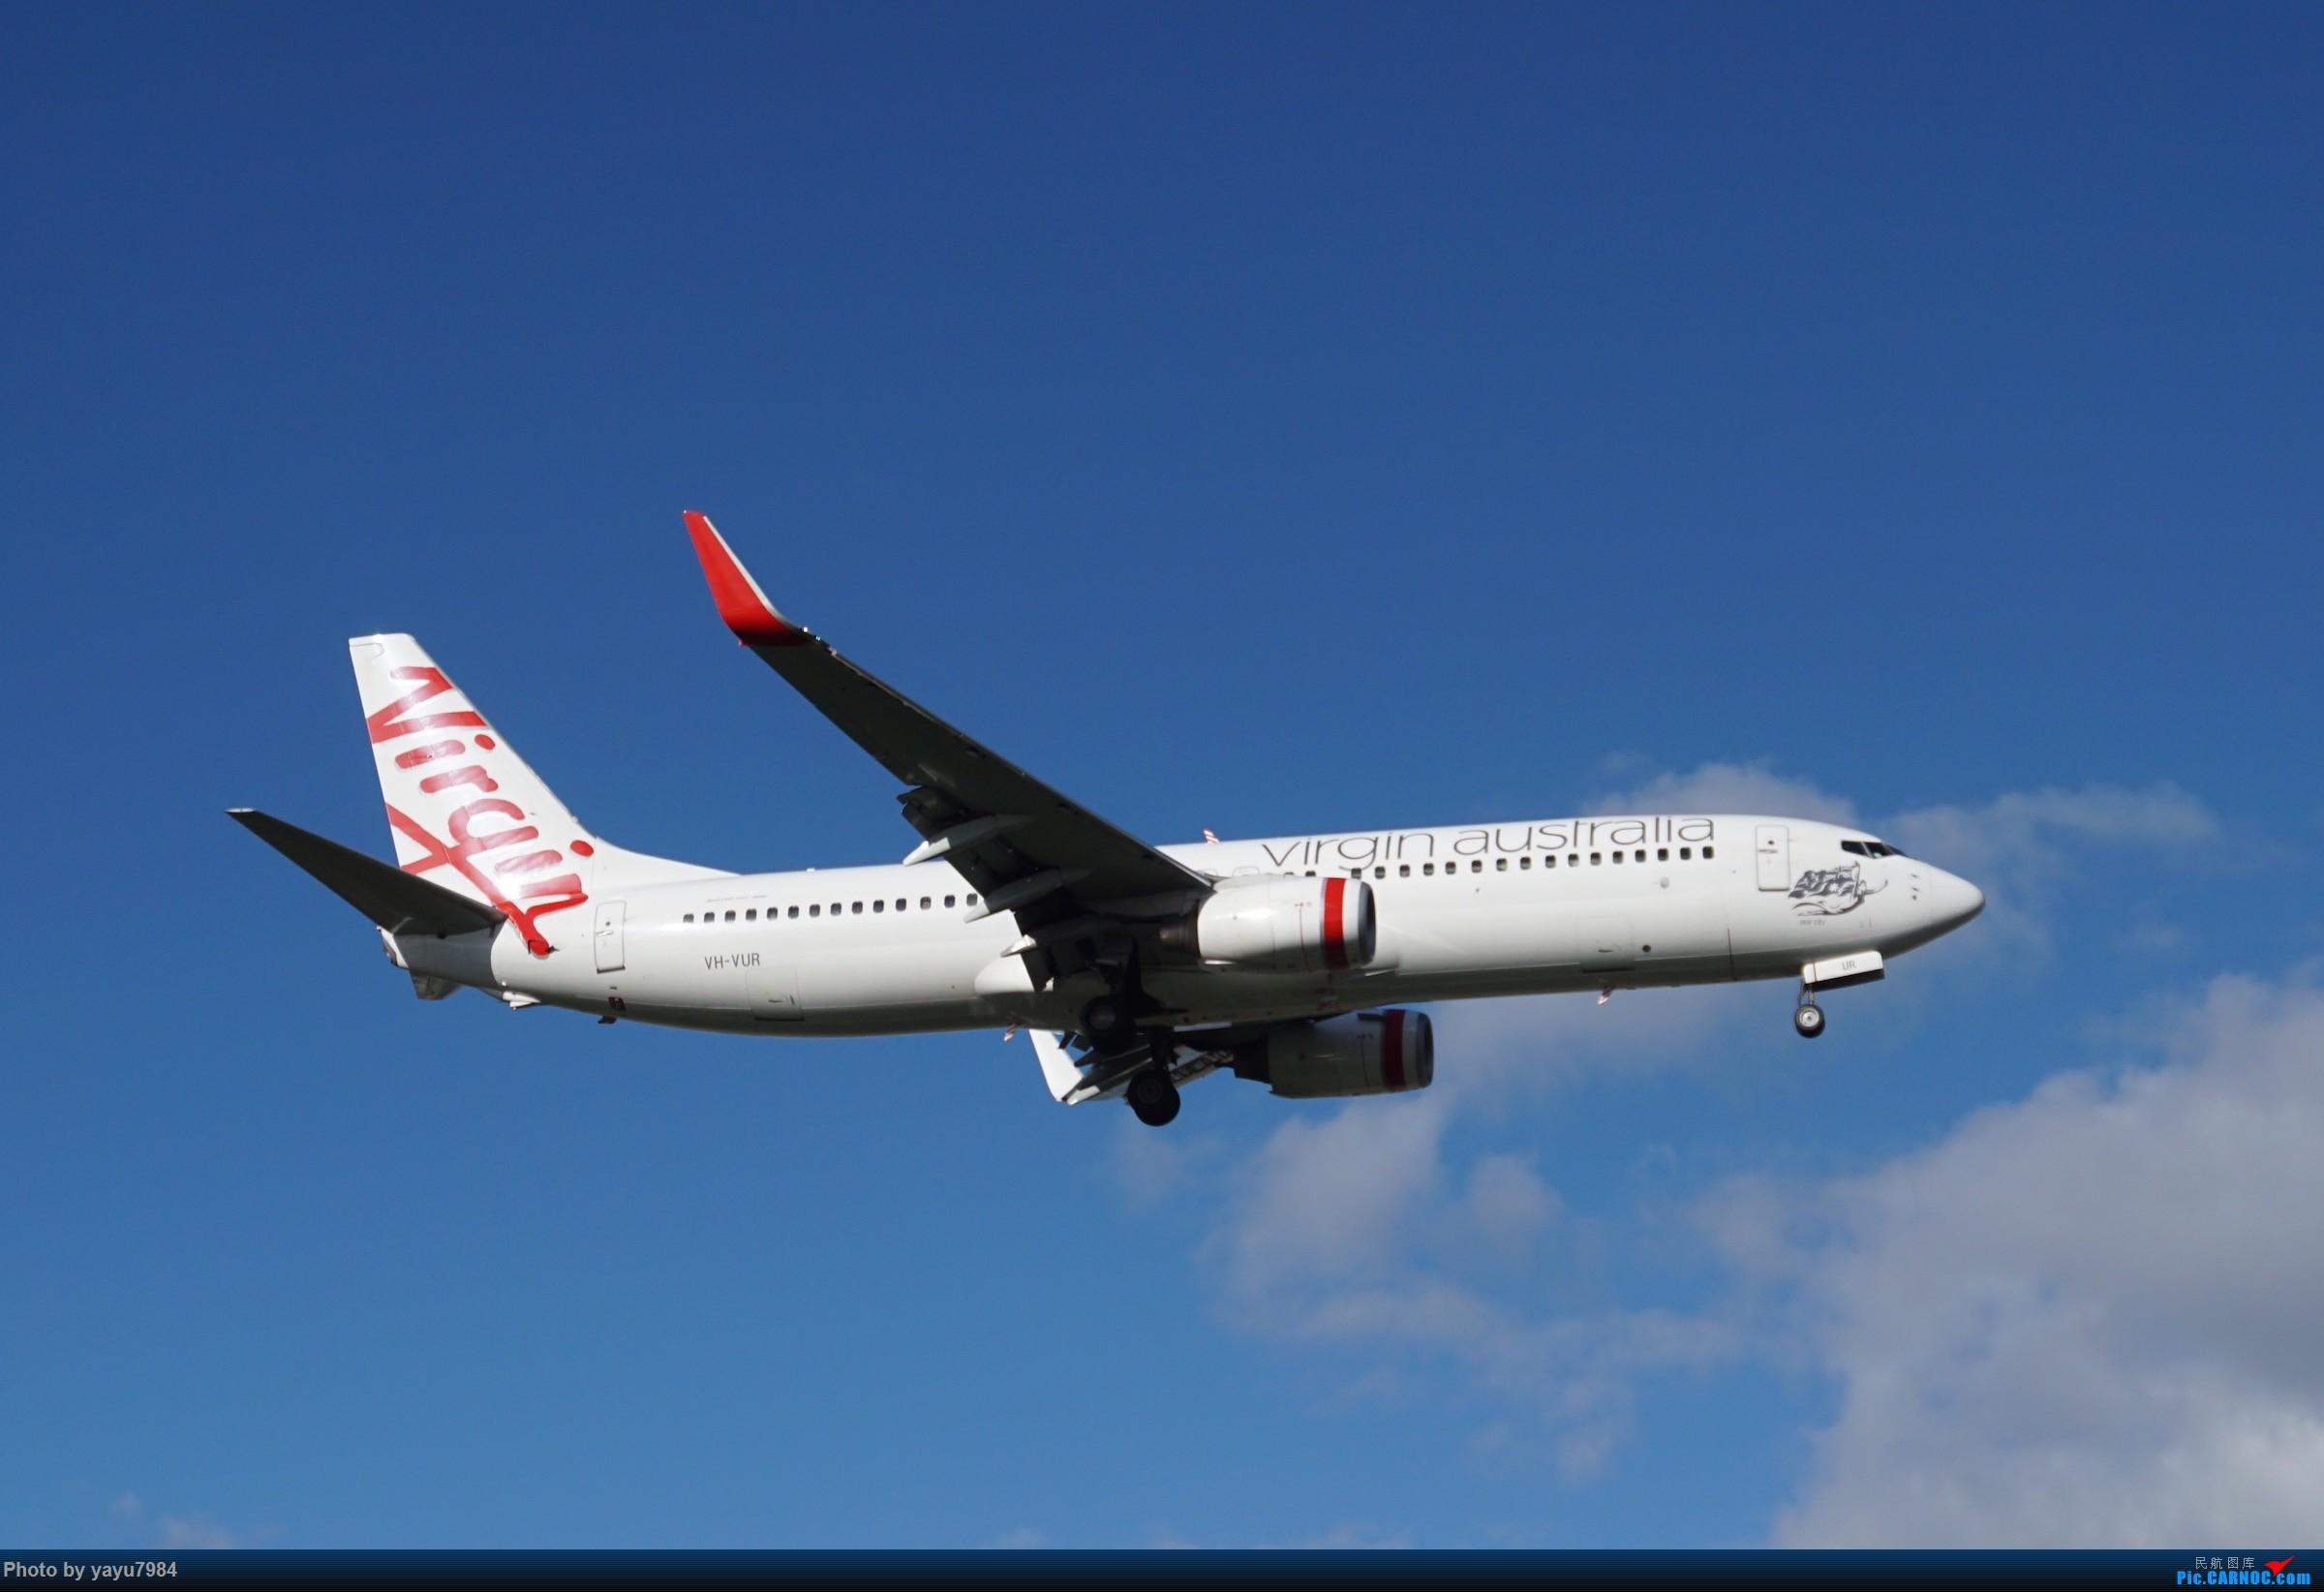 [原创][SYD] 烂天解锁A340-300,顺带其他好货 BOEING 737-800 VH-VUR 澳大利亚悉尼金斯福德·史密斯机场